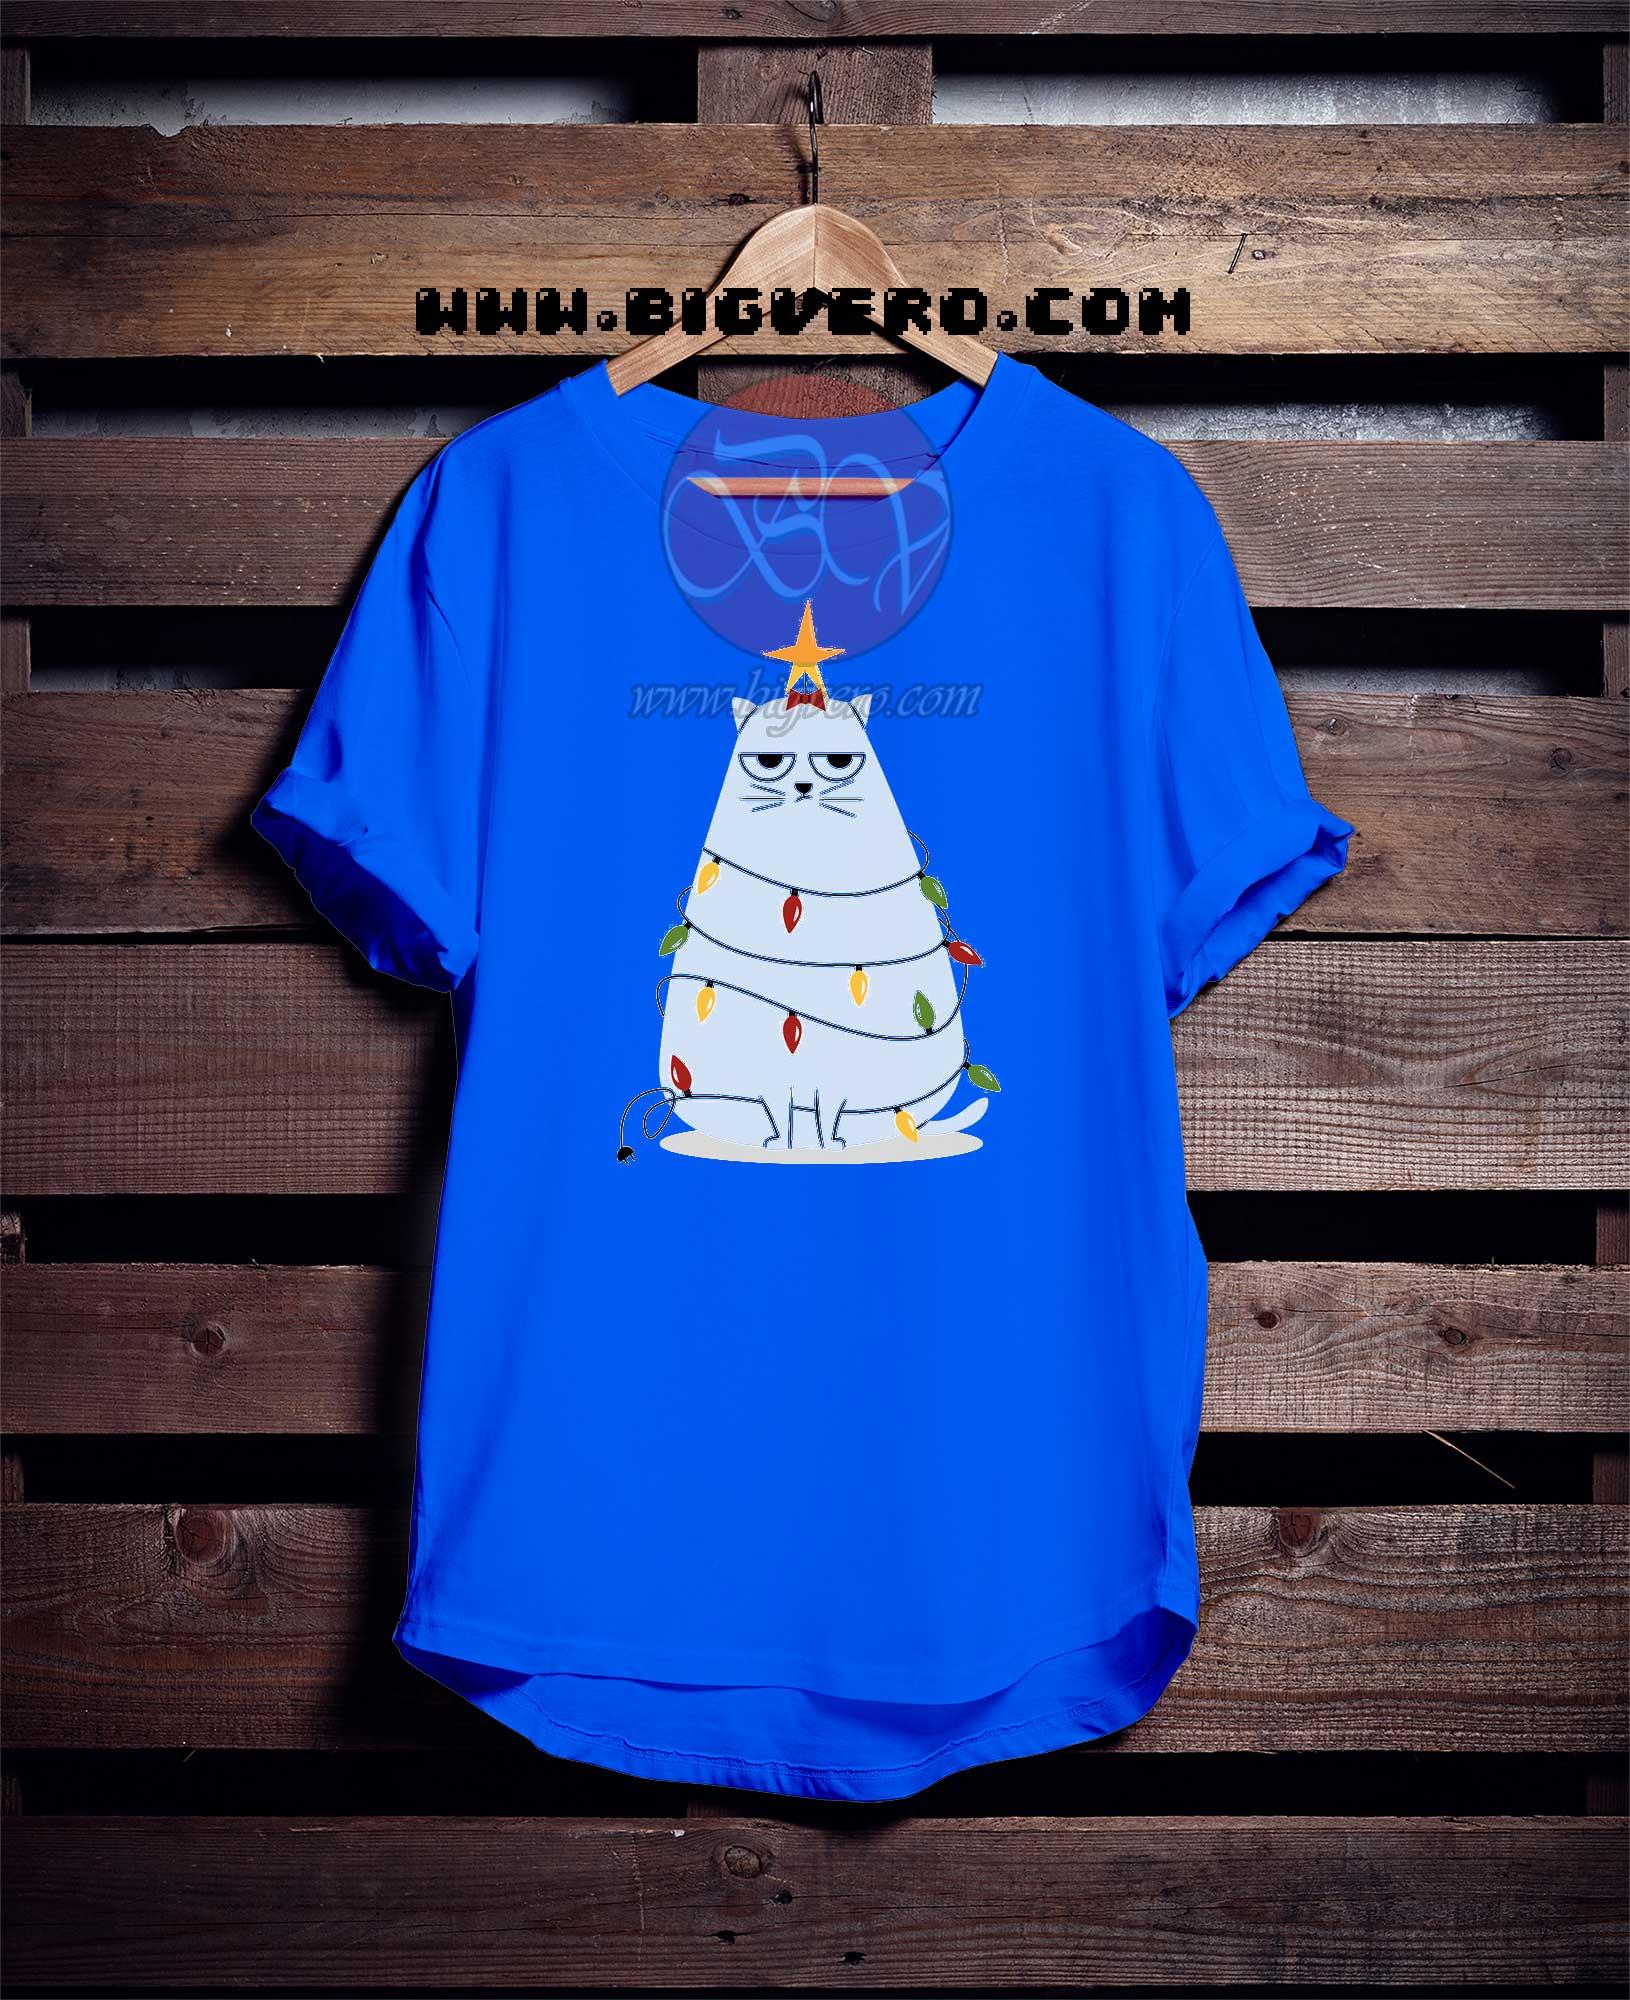 8b8797fed Grumpy Christmas Cat Tshirt, | Cool Tshirt Designs - Bigvero.com